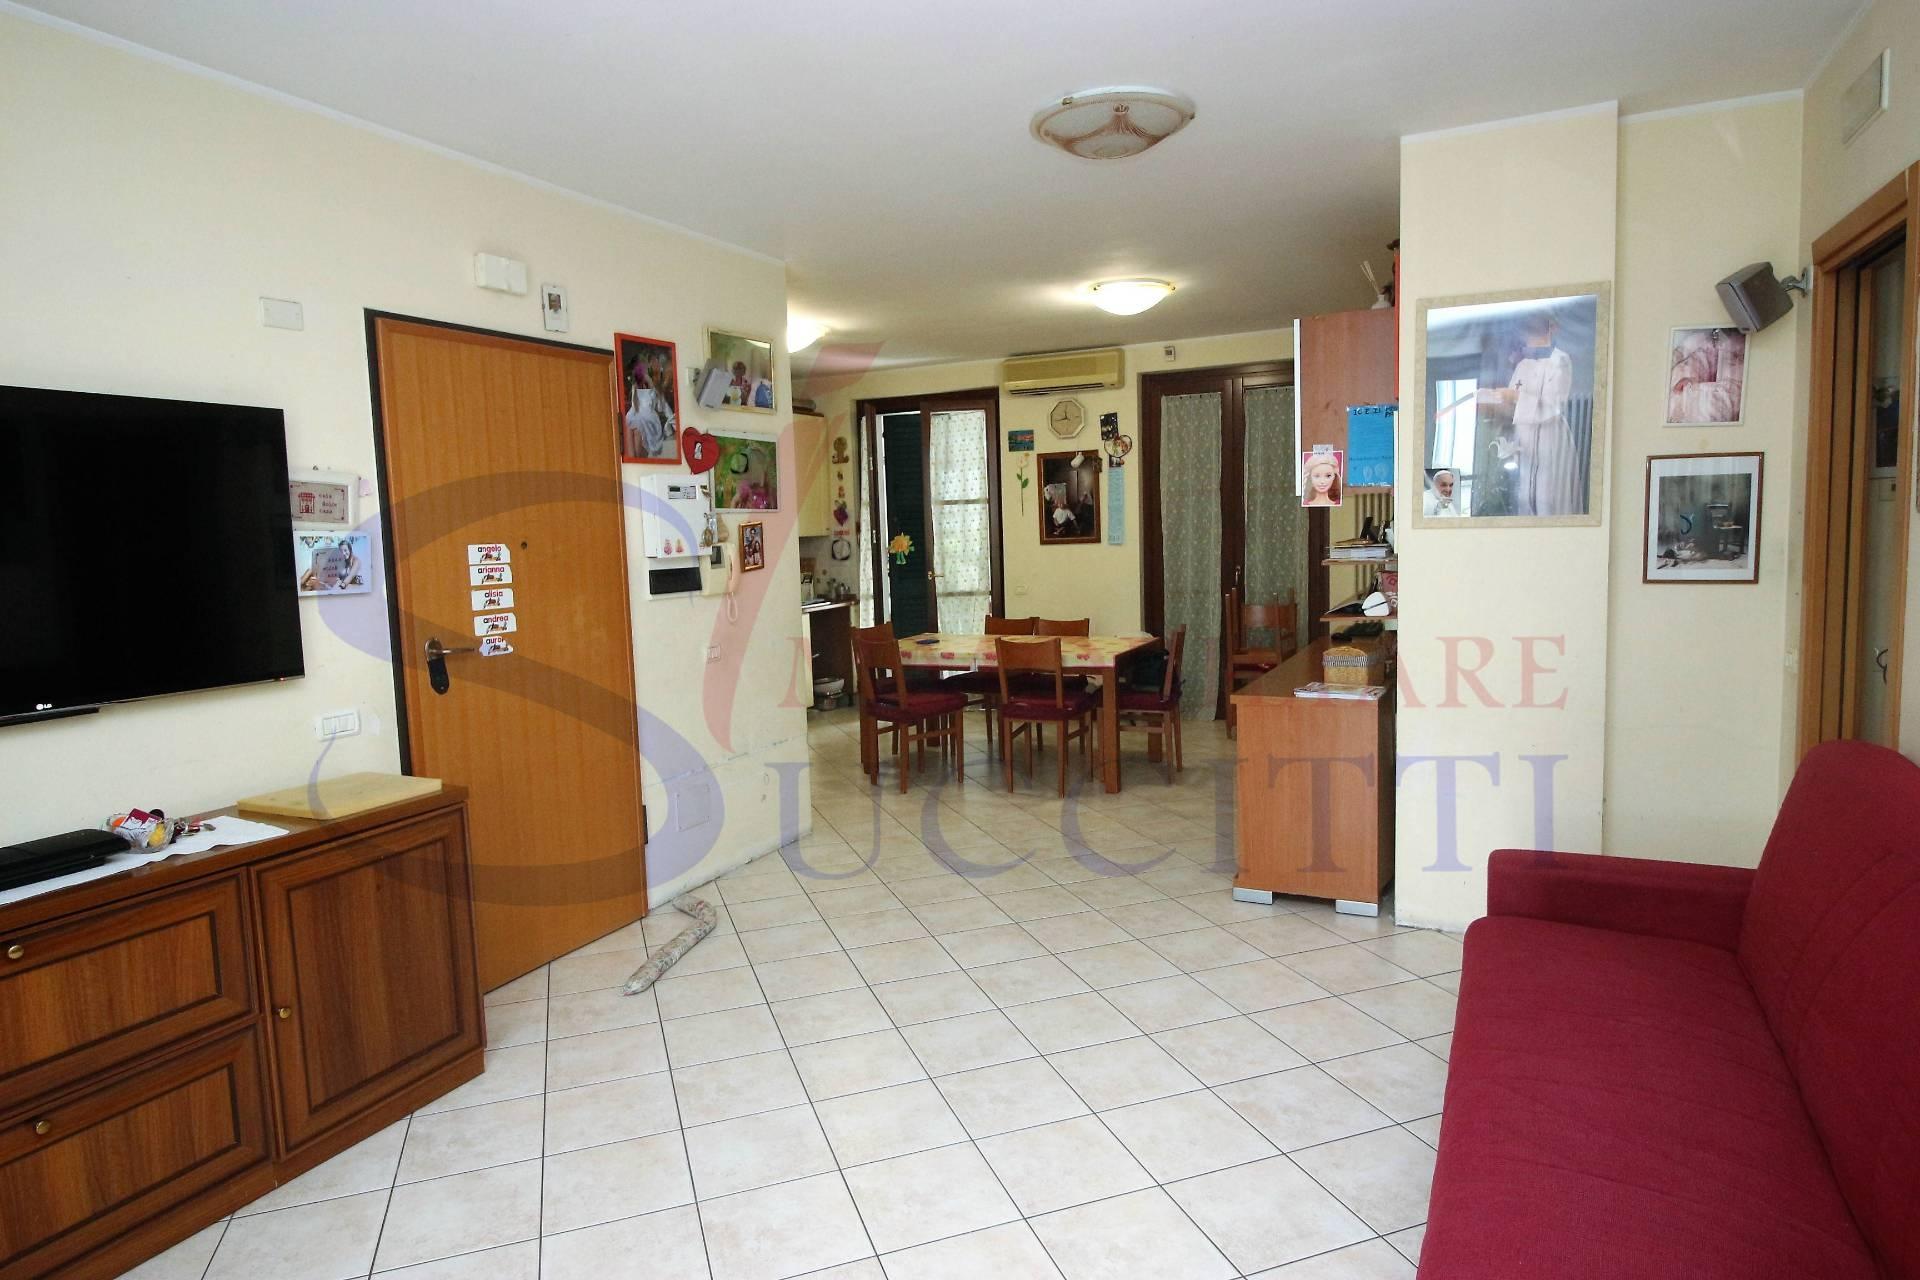 Appartamento in vendita a Alba Adriatica, 4 locali, prezzo € 125.000   CambioCasa.it